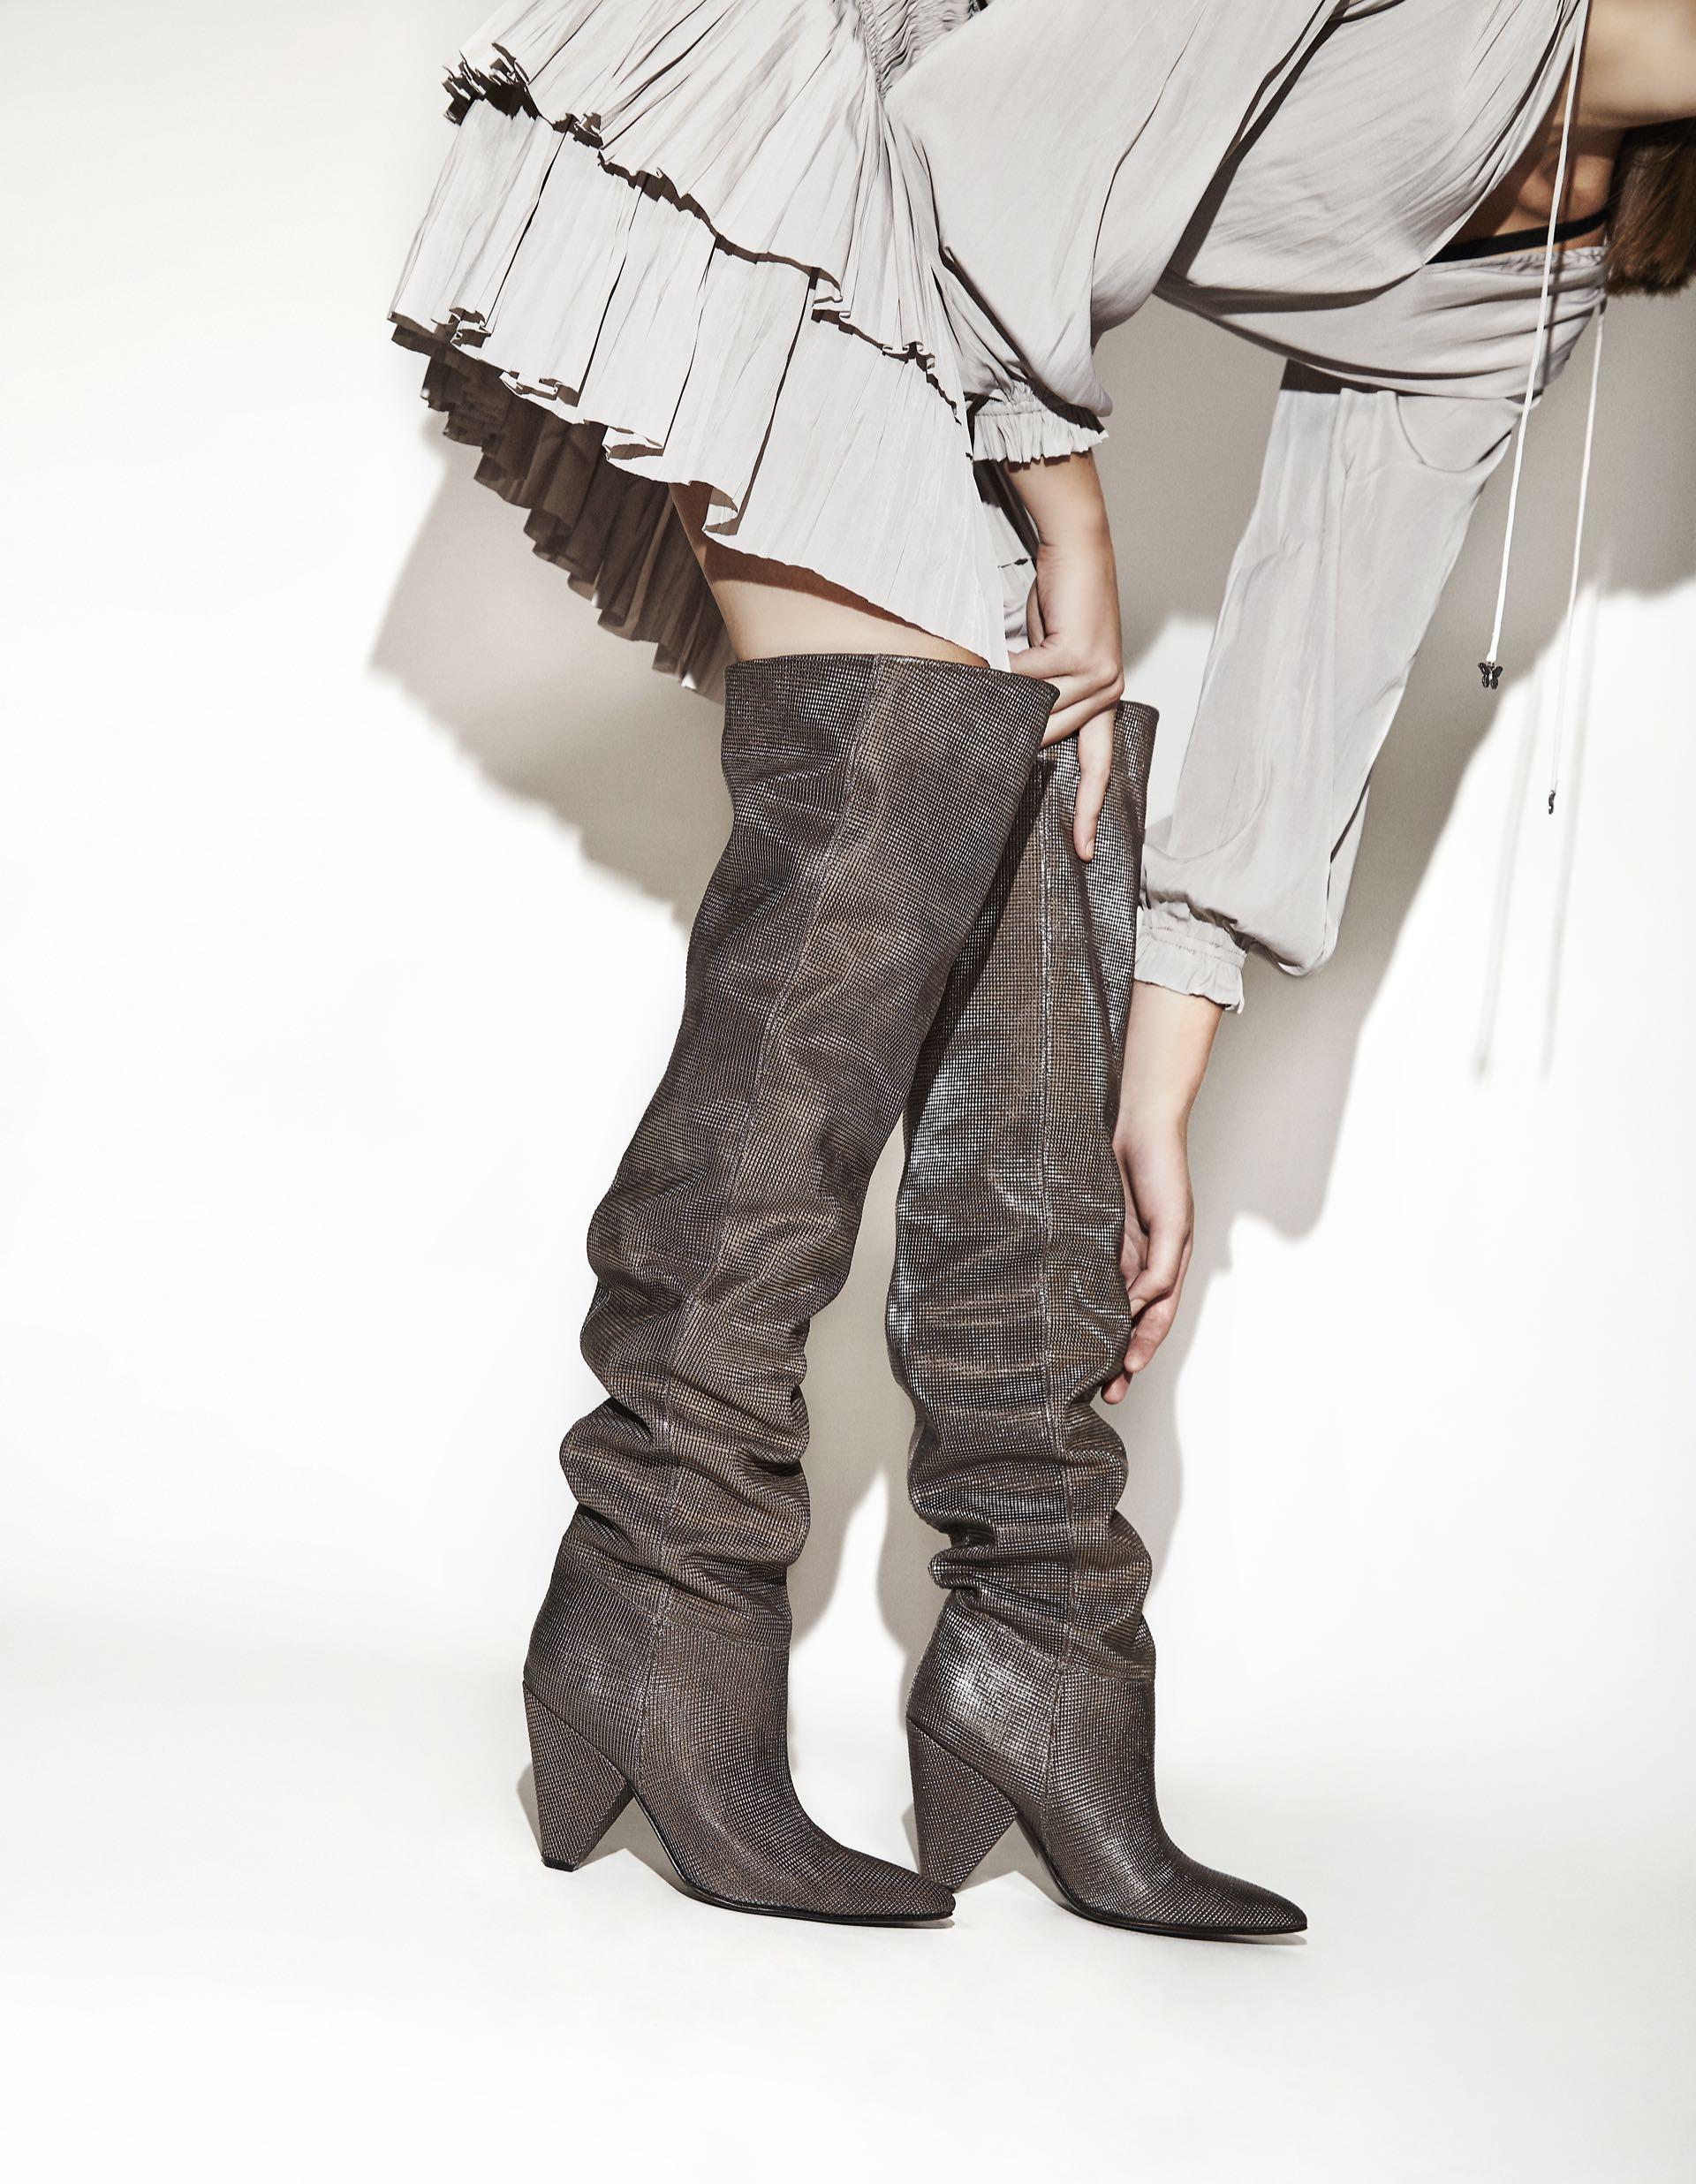 METAL NIGHT.Bucanera metalizada ($ 8.500, Saverio Di Ricci) y vestido plisado ($ 4.600, Rapsodia). Fotos: Chino Toccalino/ Para Ti